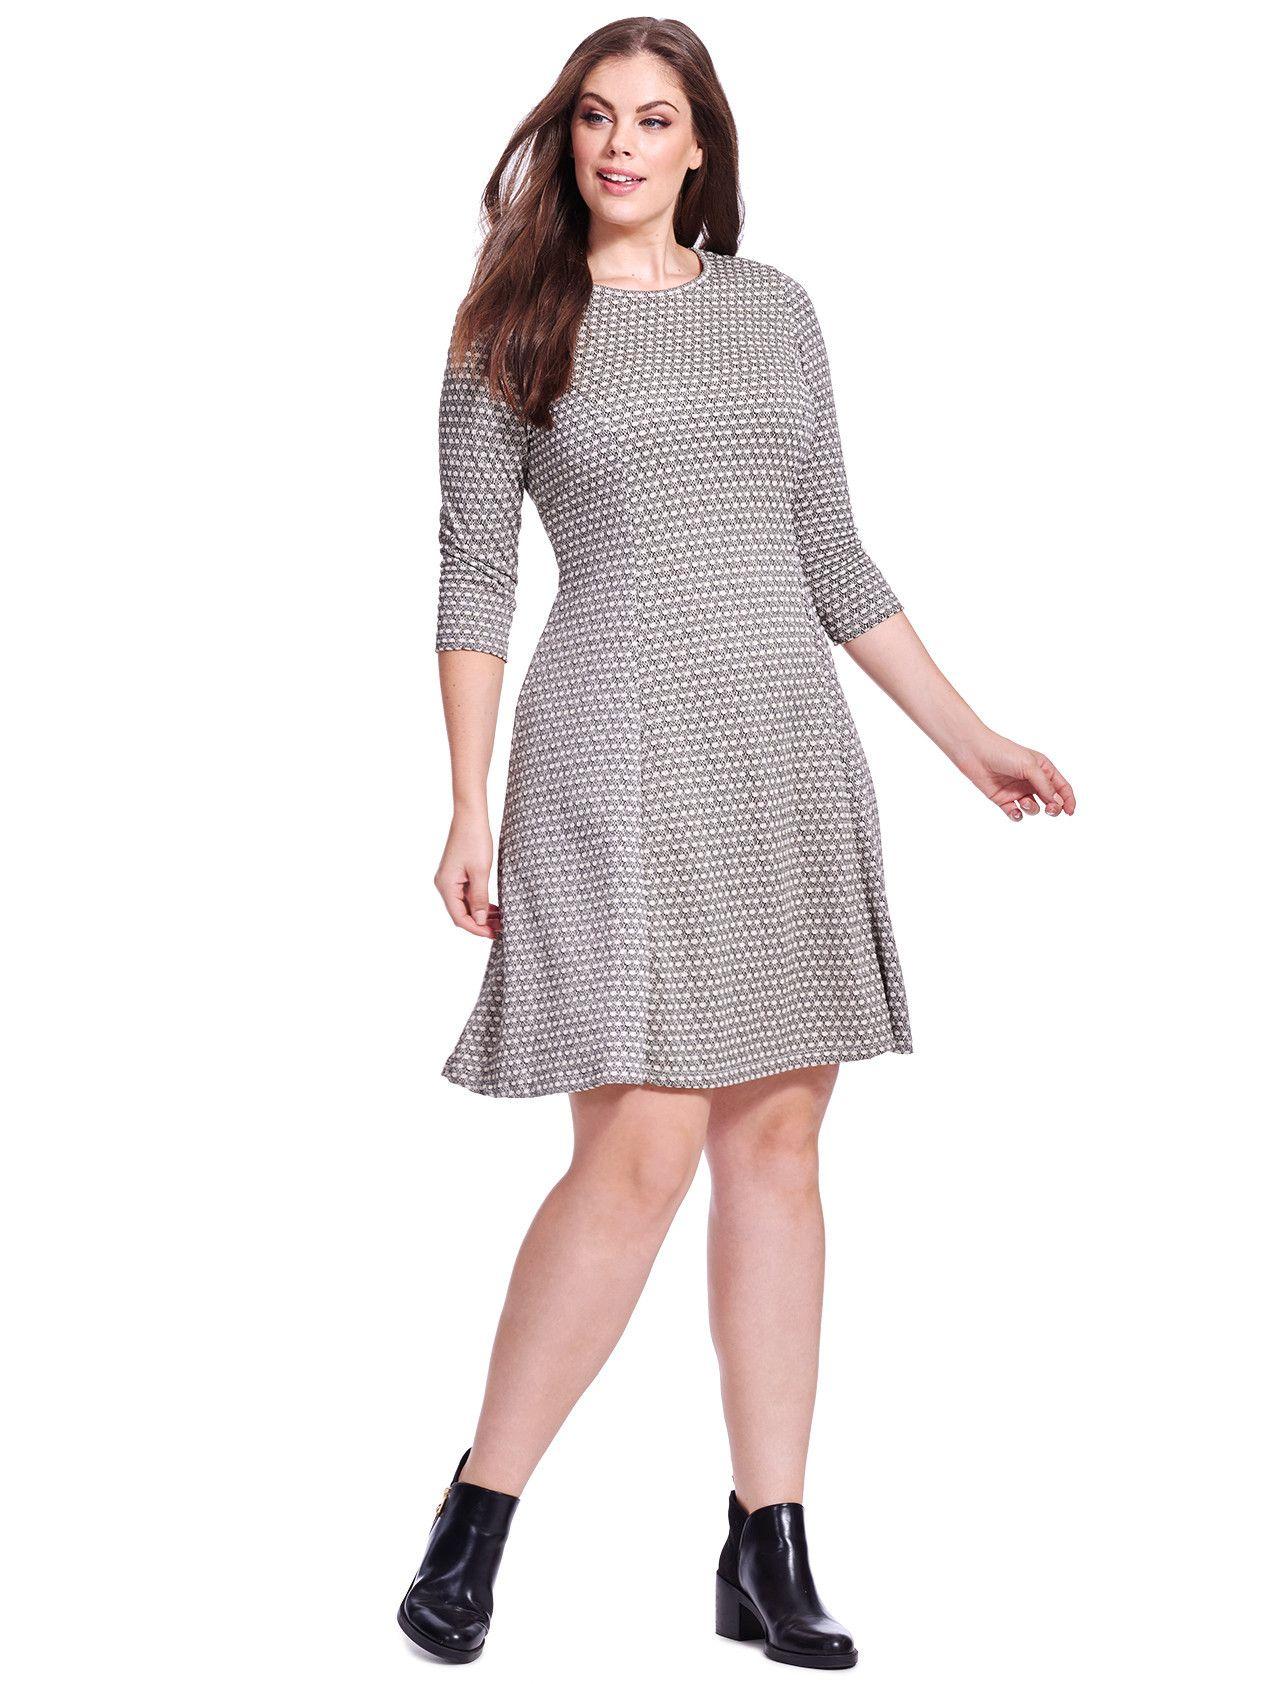 Black Cream Fit Flare Dress Fit Flare Dress Dresses Perfect Dress [ 1684 x 1262 Pixel ]